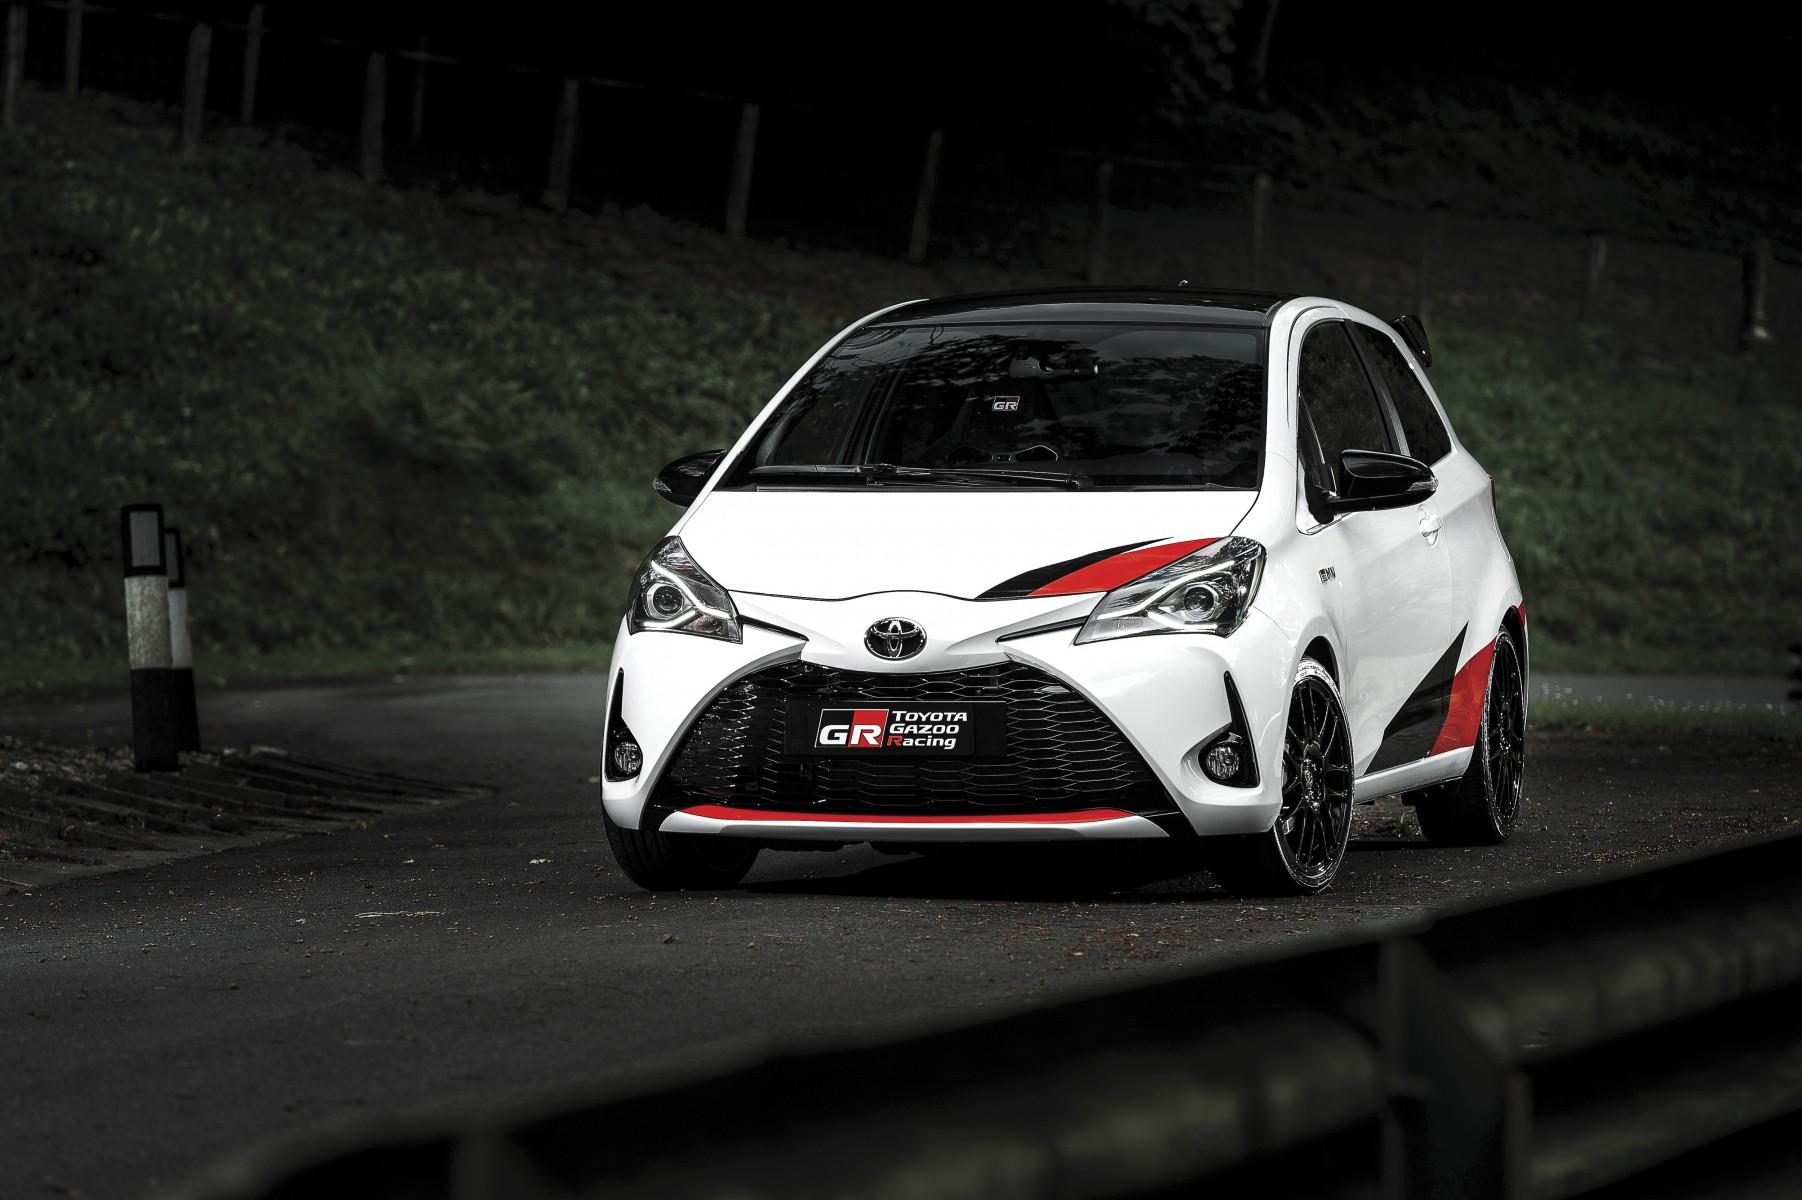 Toyota Yaris Grmn >> Toyota Yaris Grmn